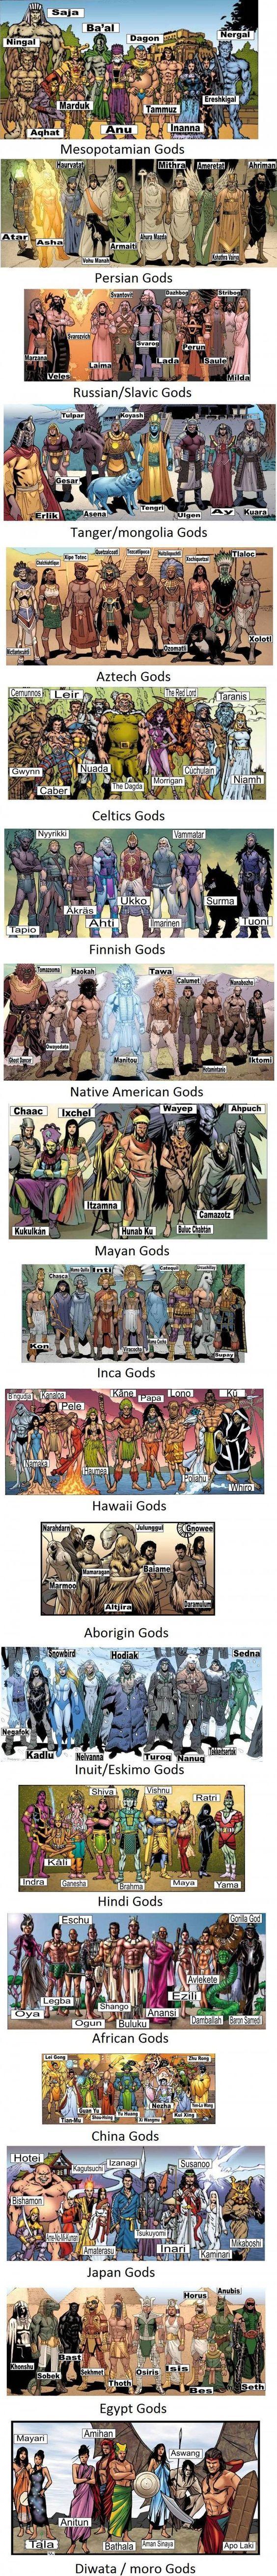 Gli Arcani Supremi (Vox clamantis in deserto - Gothian): Tutte le divinità delle religioni politeiste della...